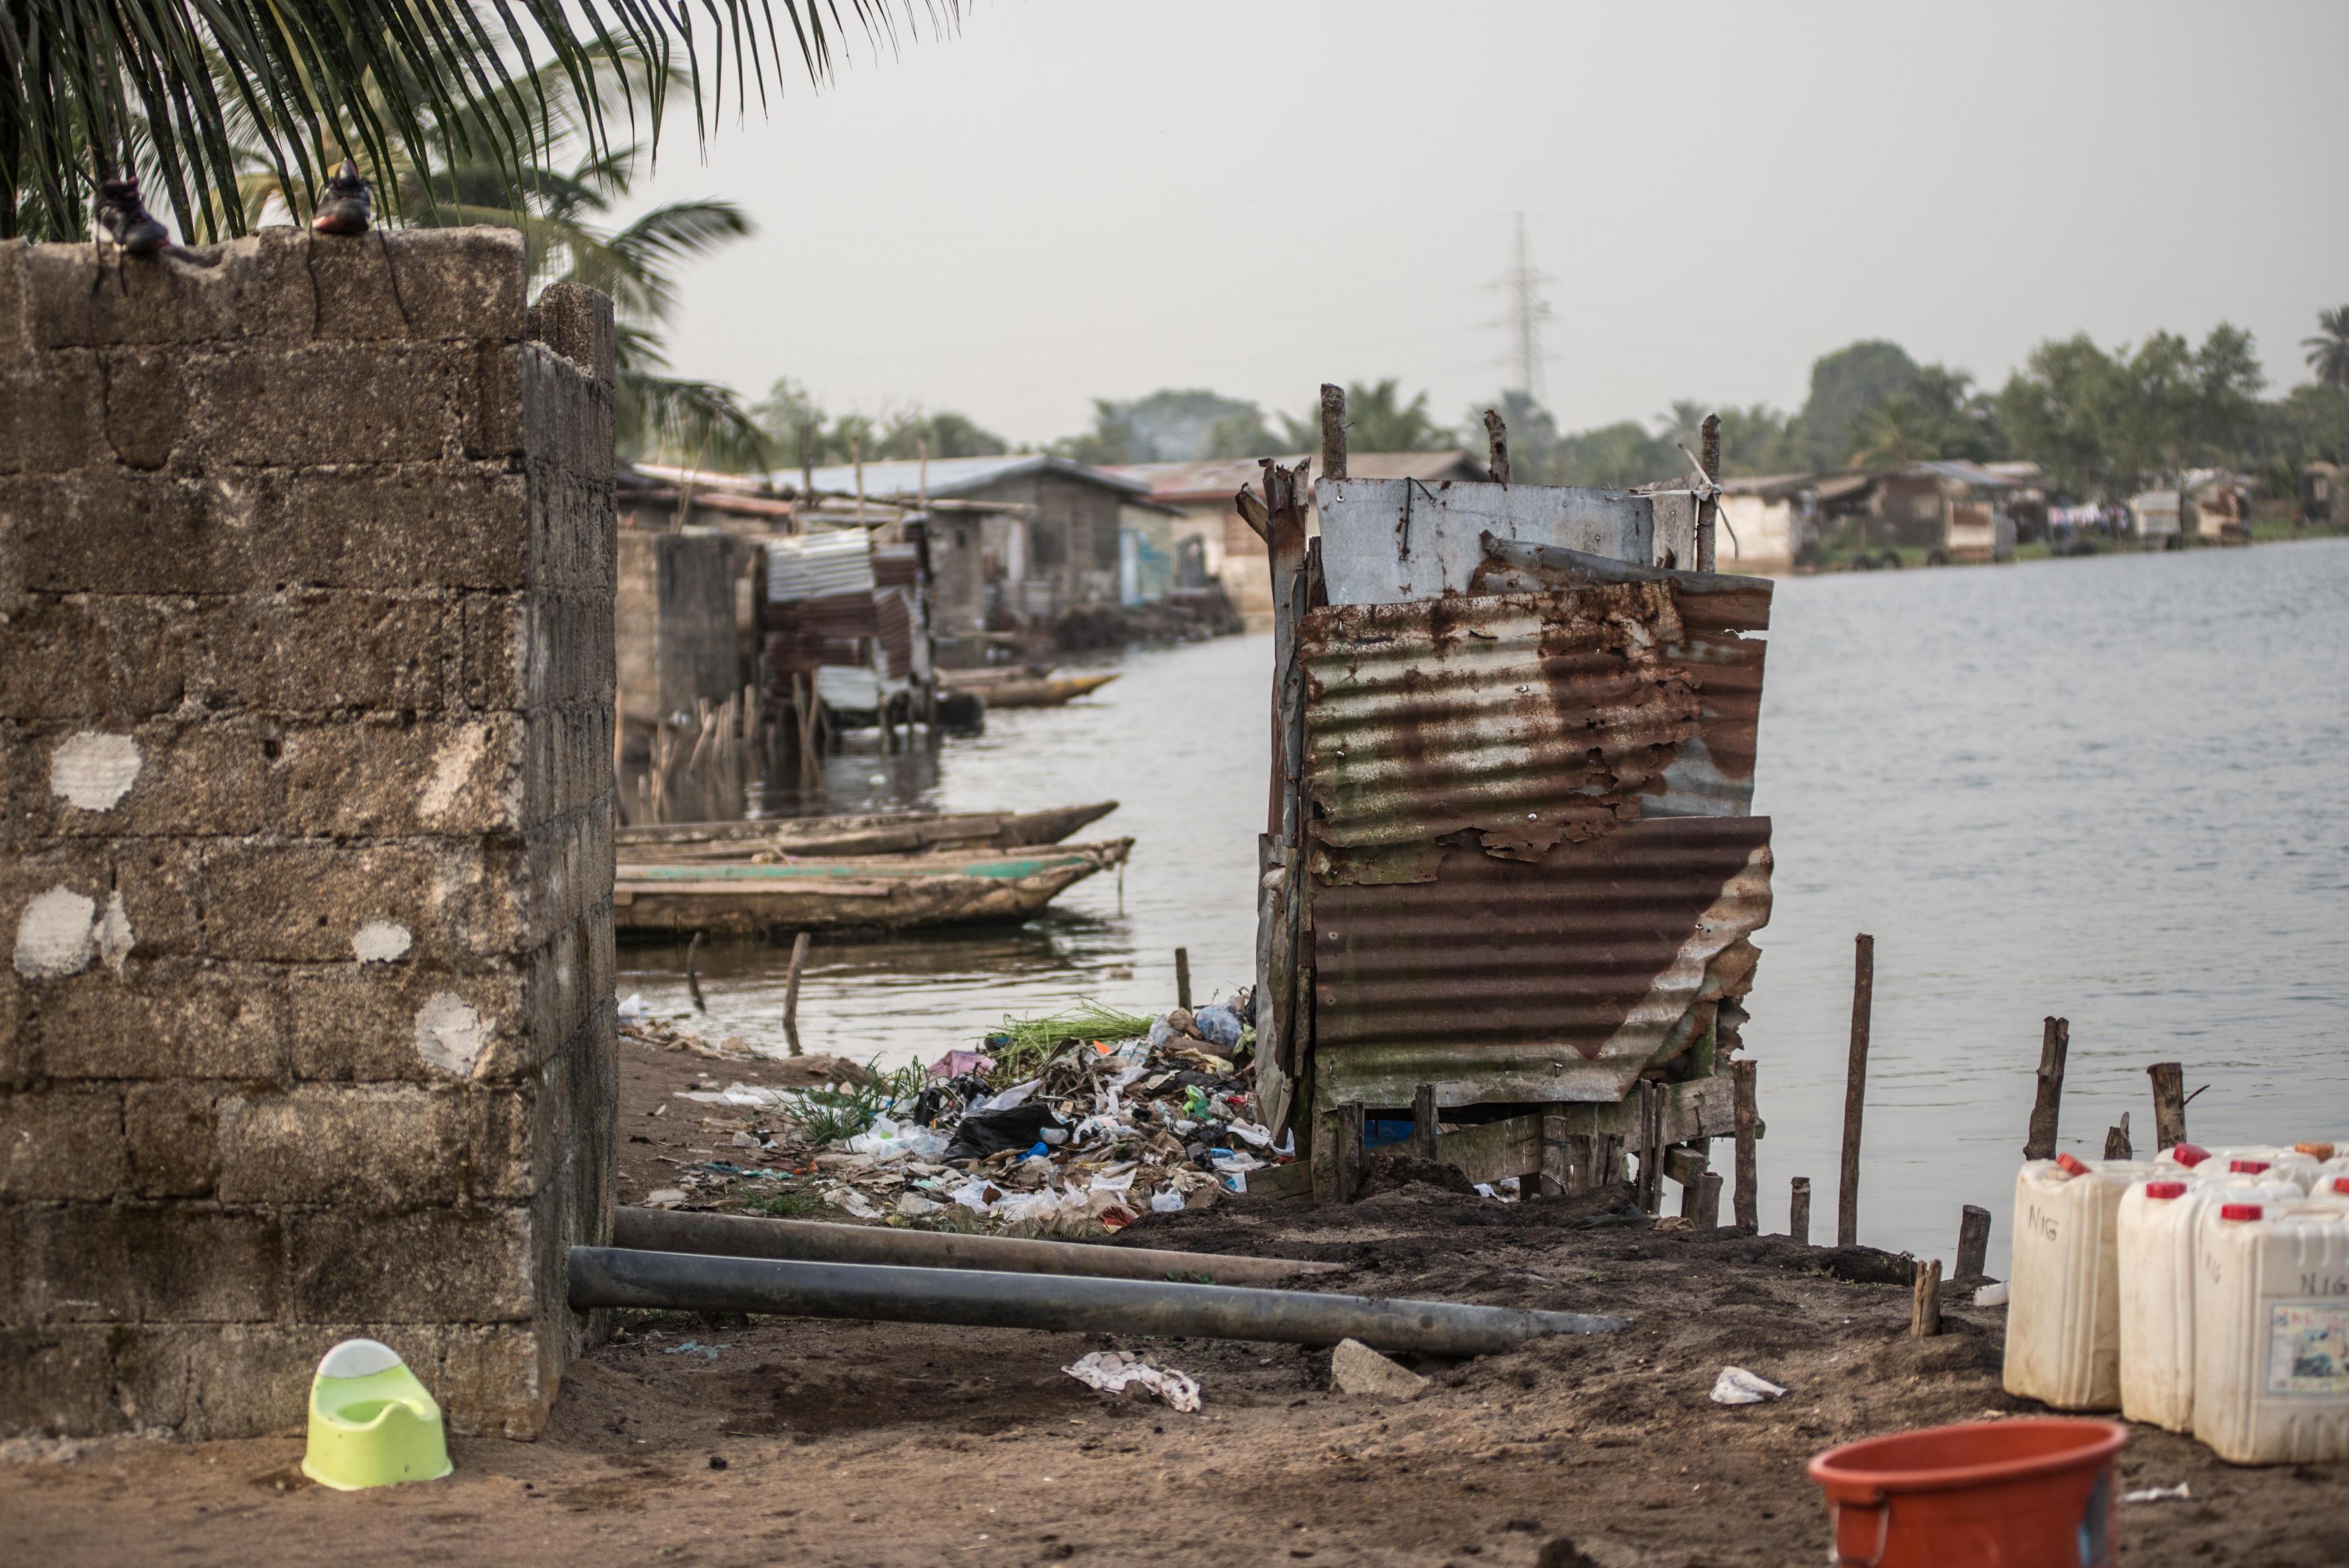 Eine hängende Toilette in Monrovia, Liberia